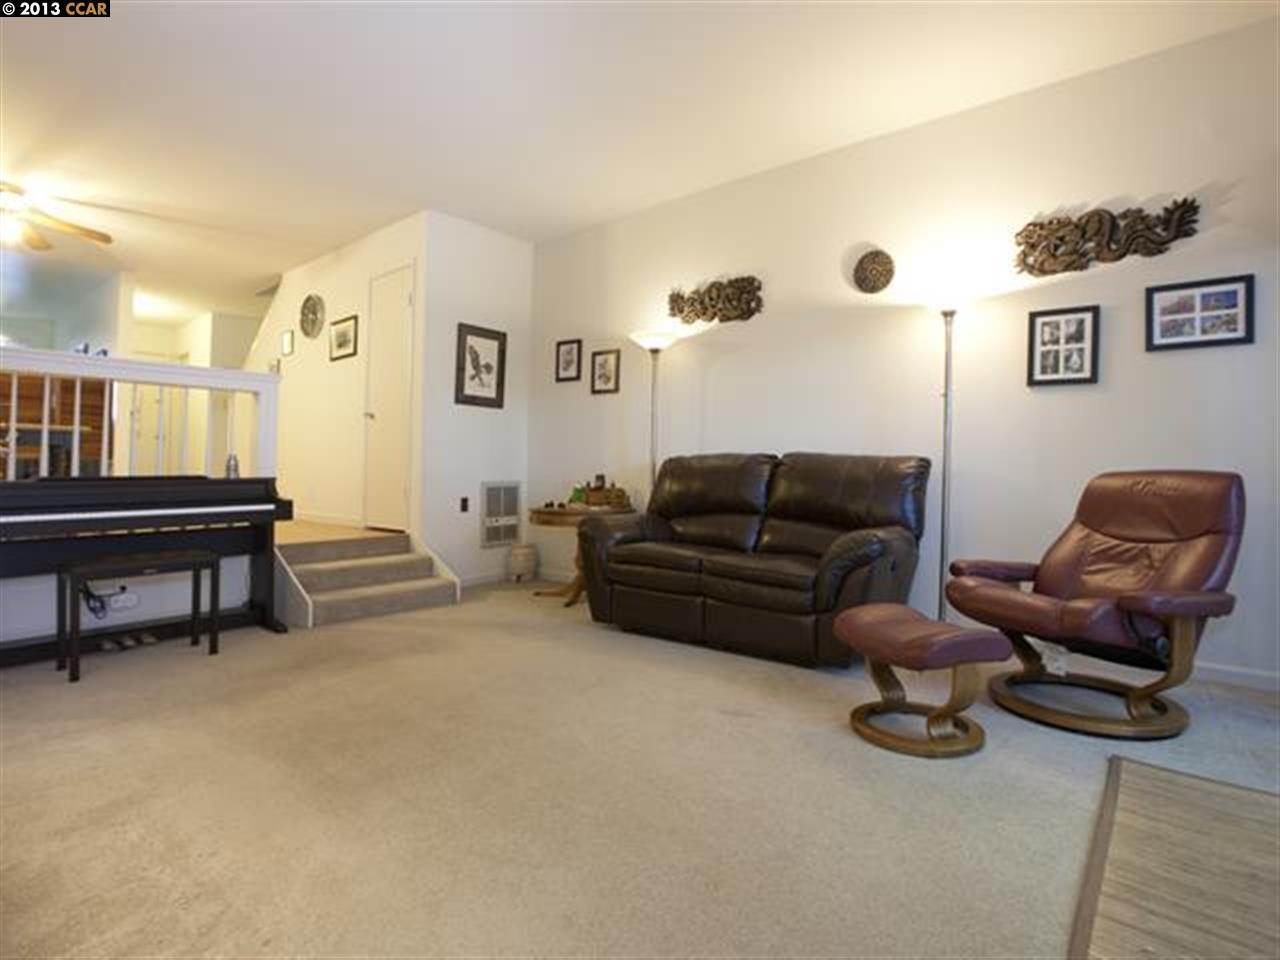 Additional photo for property listing at 8985 ALCOSTA BLVD  San Ramon, California 94583 Estados Unidos